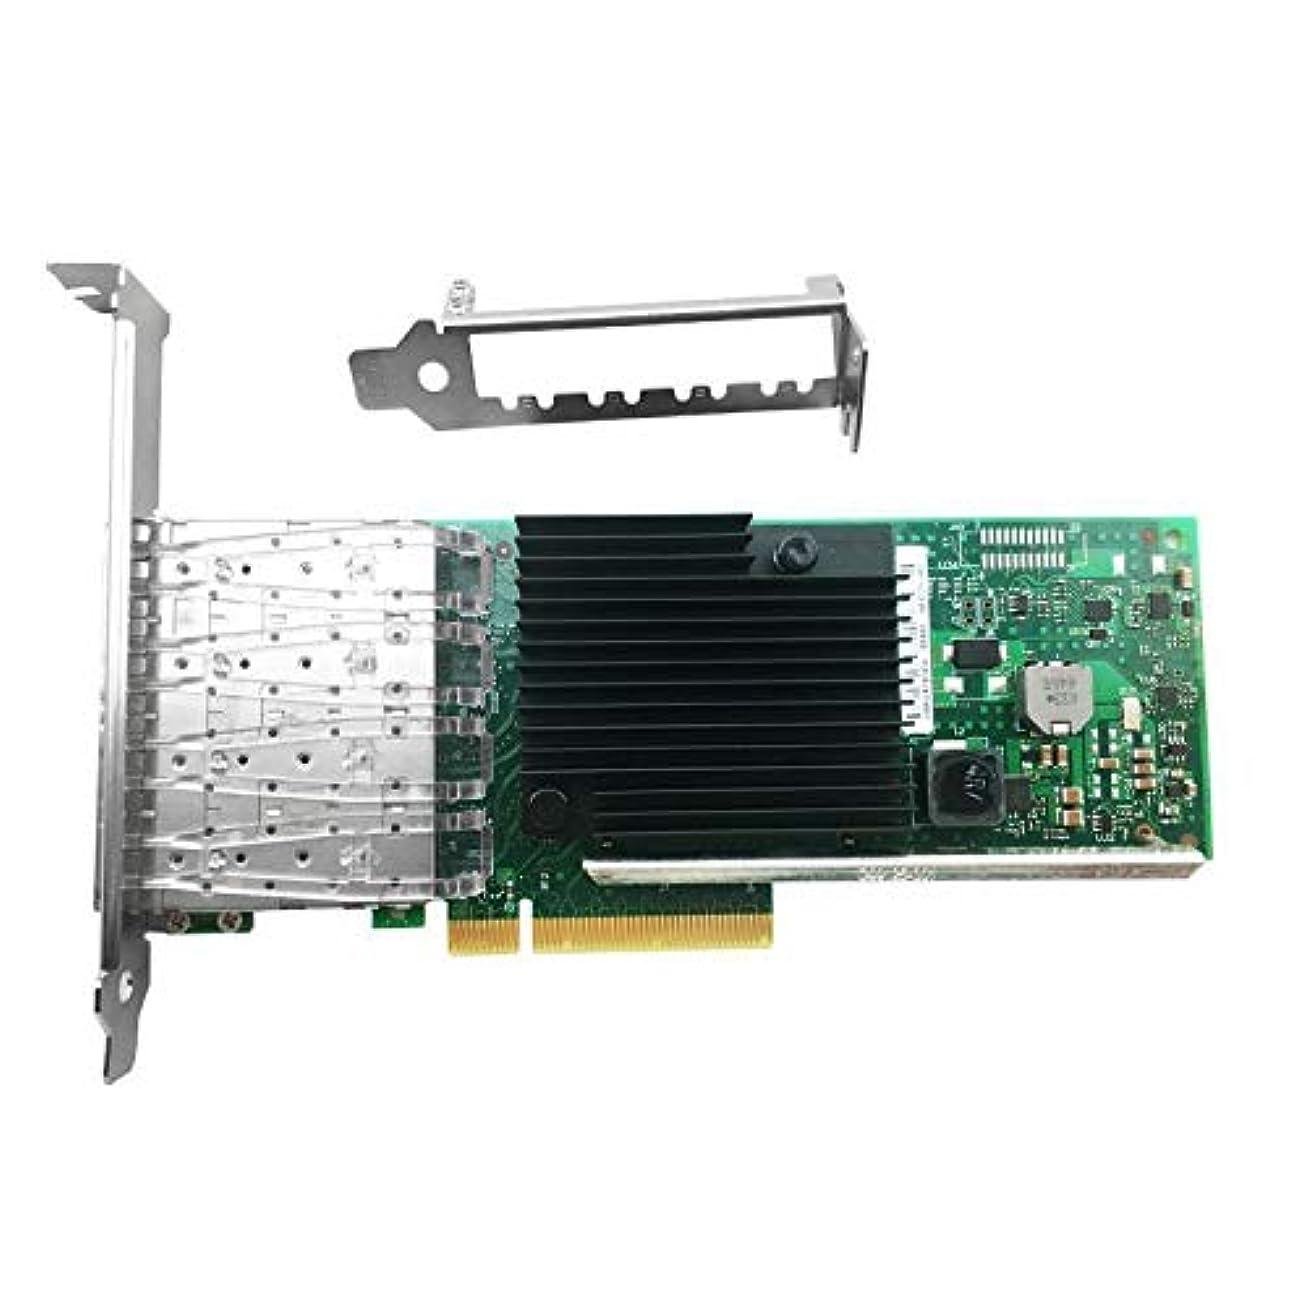 拡声器調整可能ましいFidgetGear Intel X710-DA4 4ポート 10Gbps SFP+ PCIe 3.0 x8 10Gbps イーサネット ネットワークカード